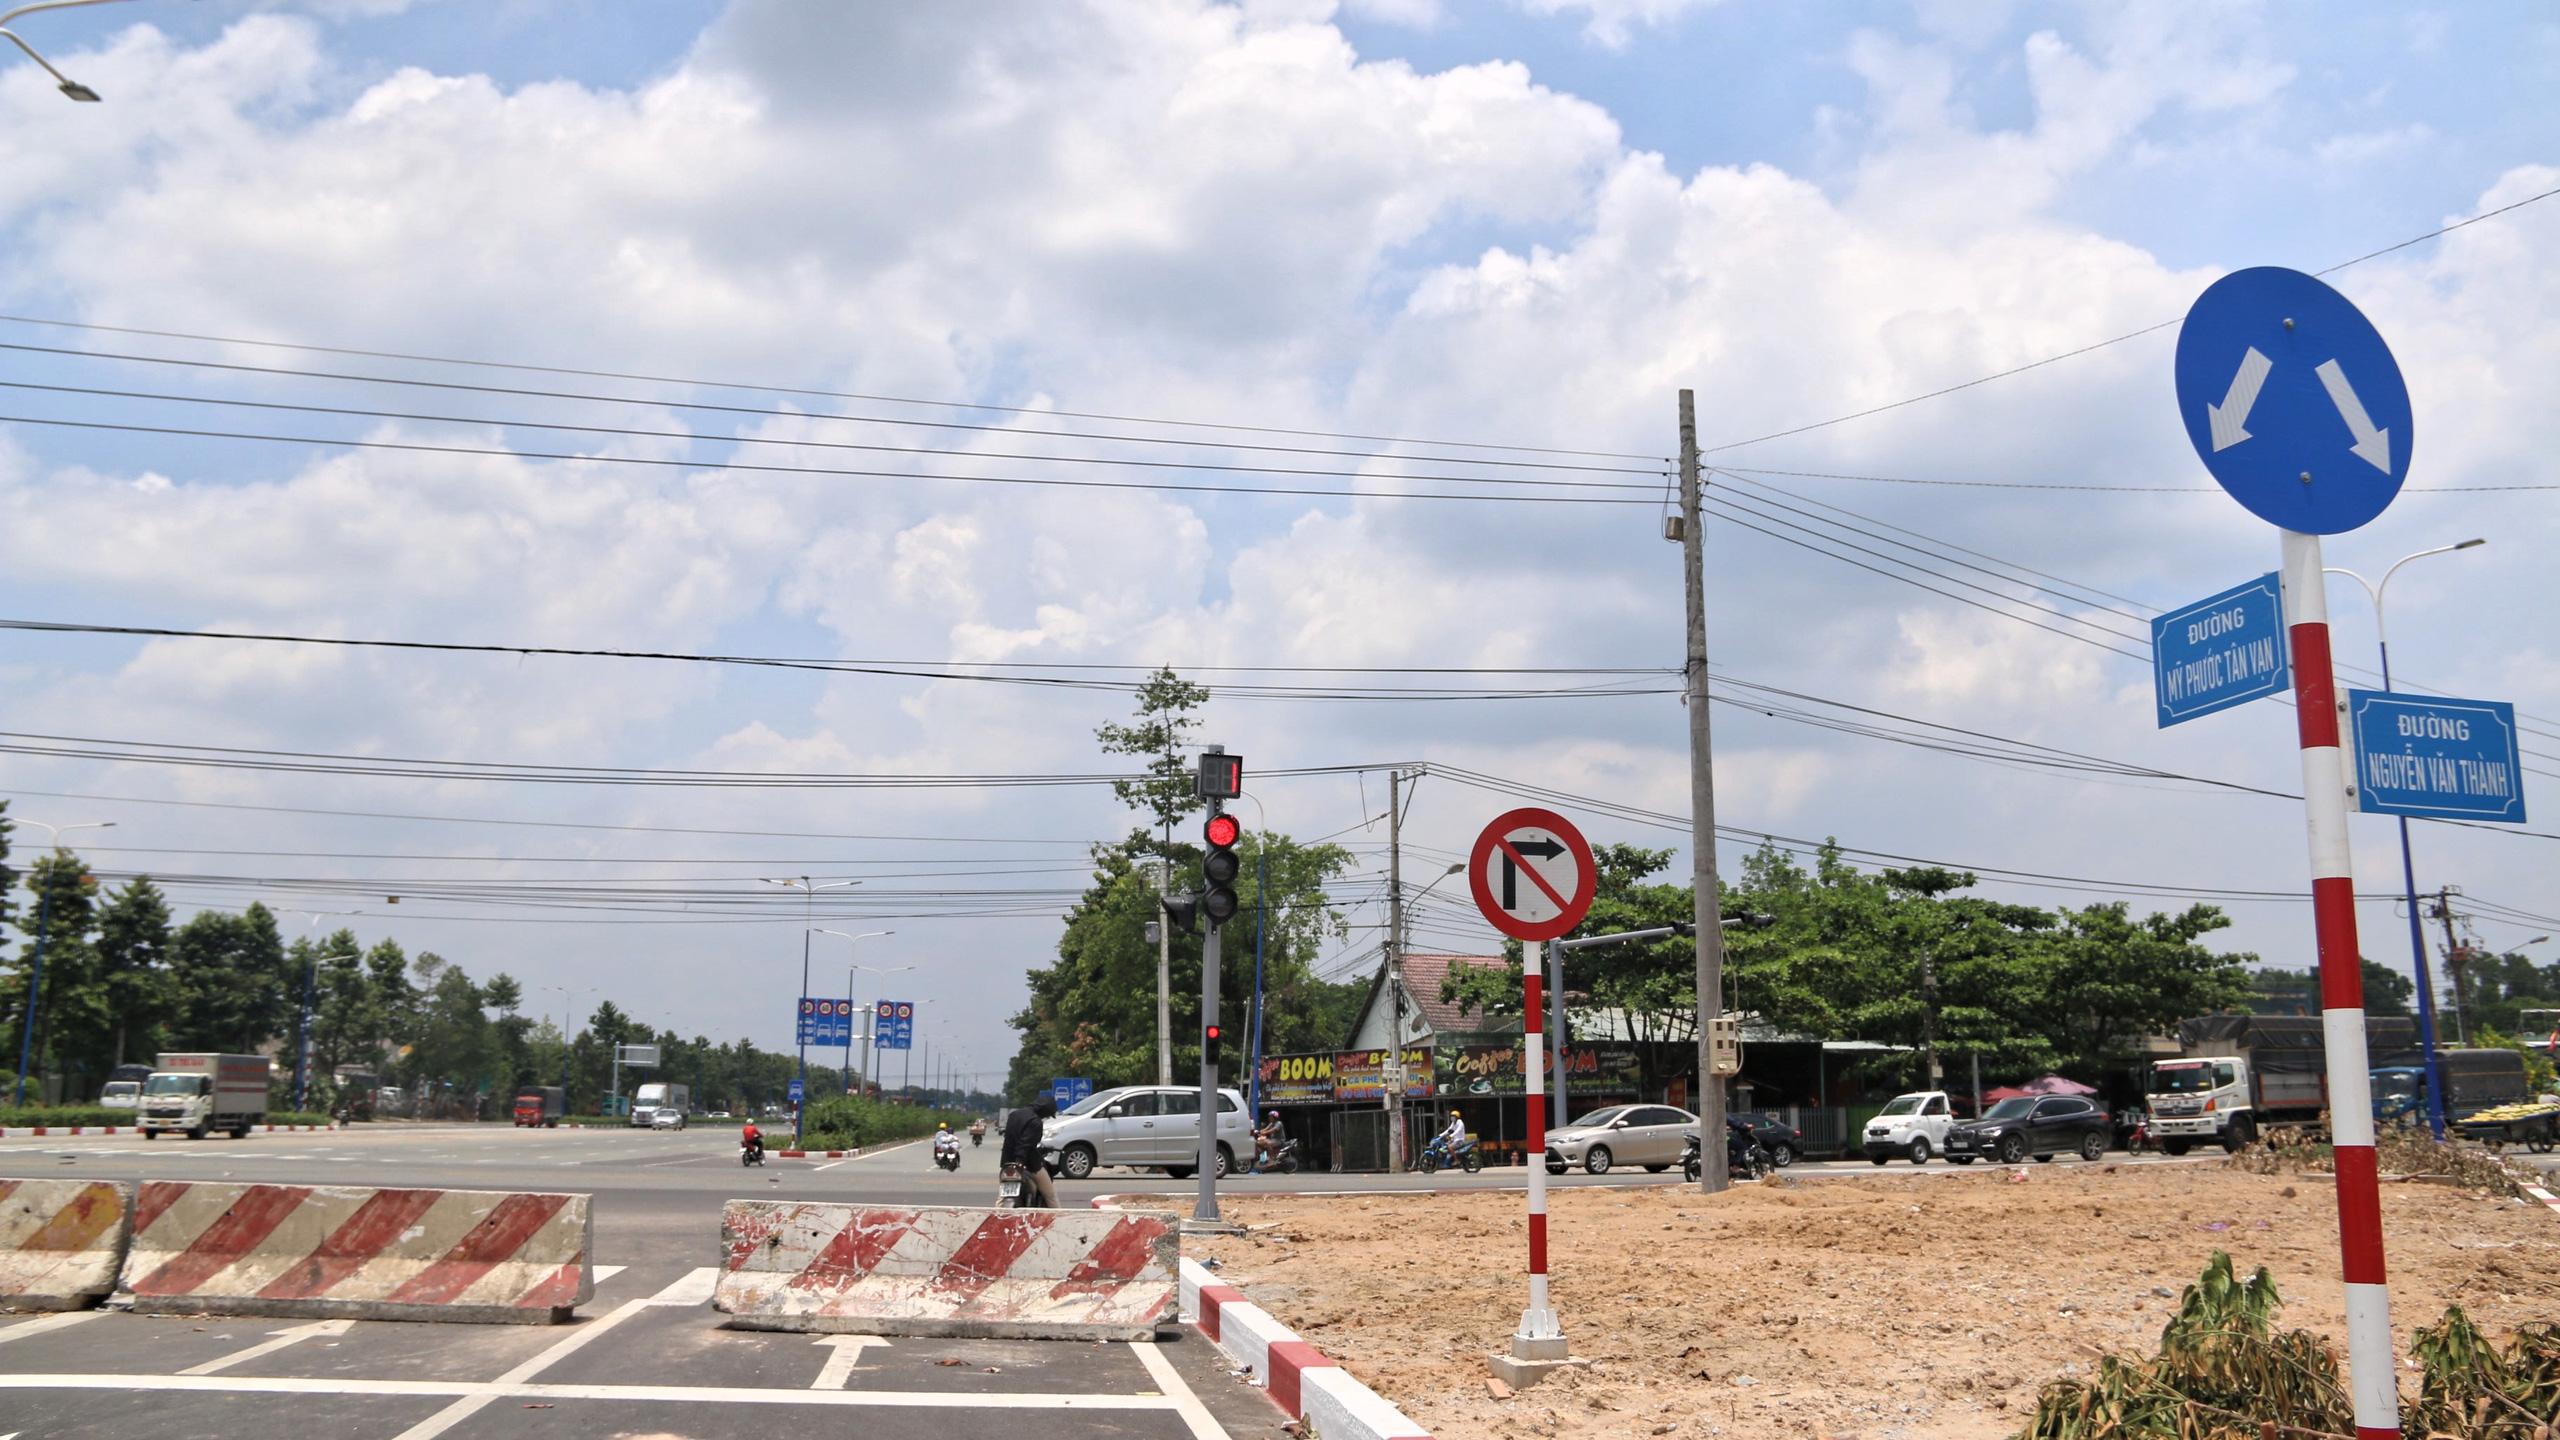 Bình Dương: Cận cảnh tuyến Mỹ Phước - Tân Vạn sắp thông toàn tuyến - Ảnh 14.